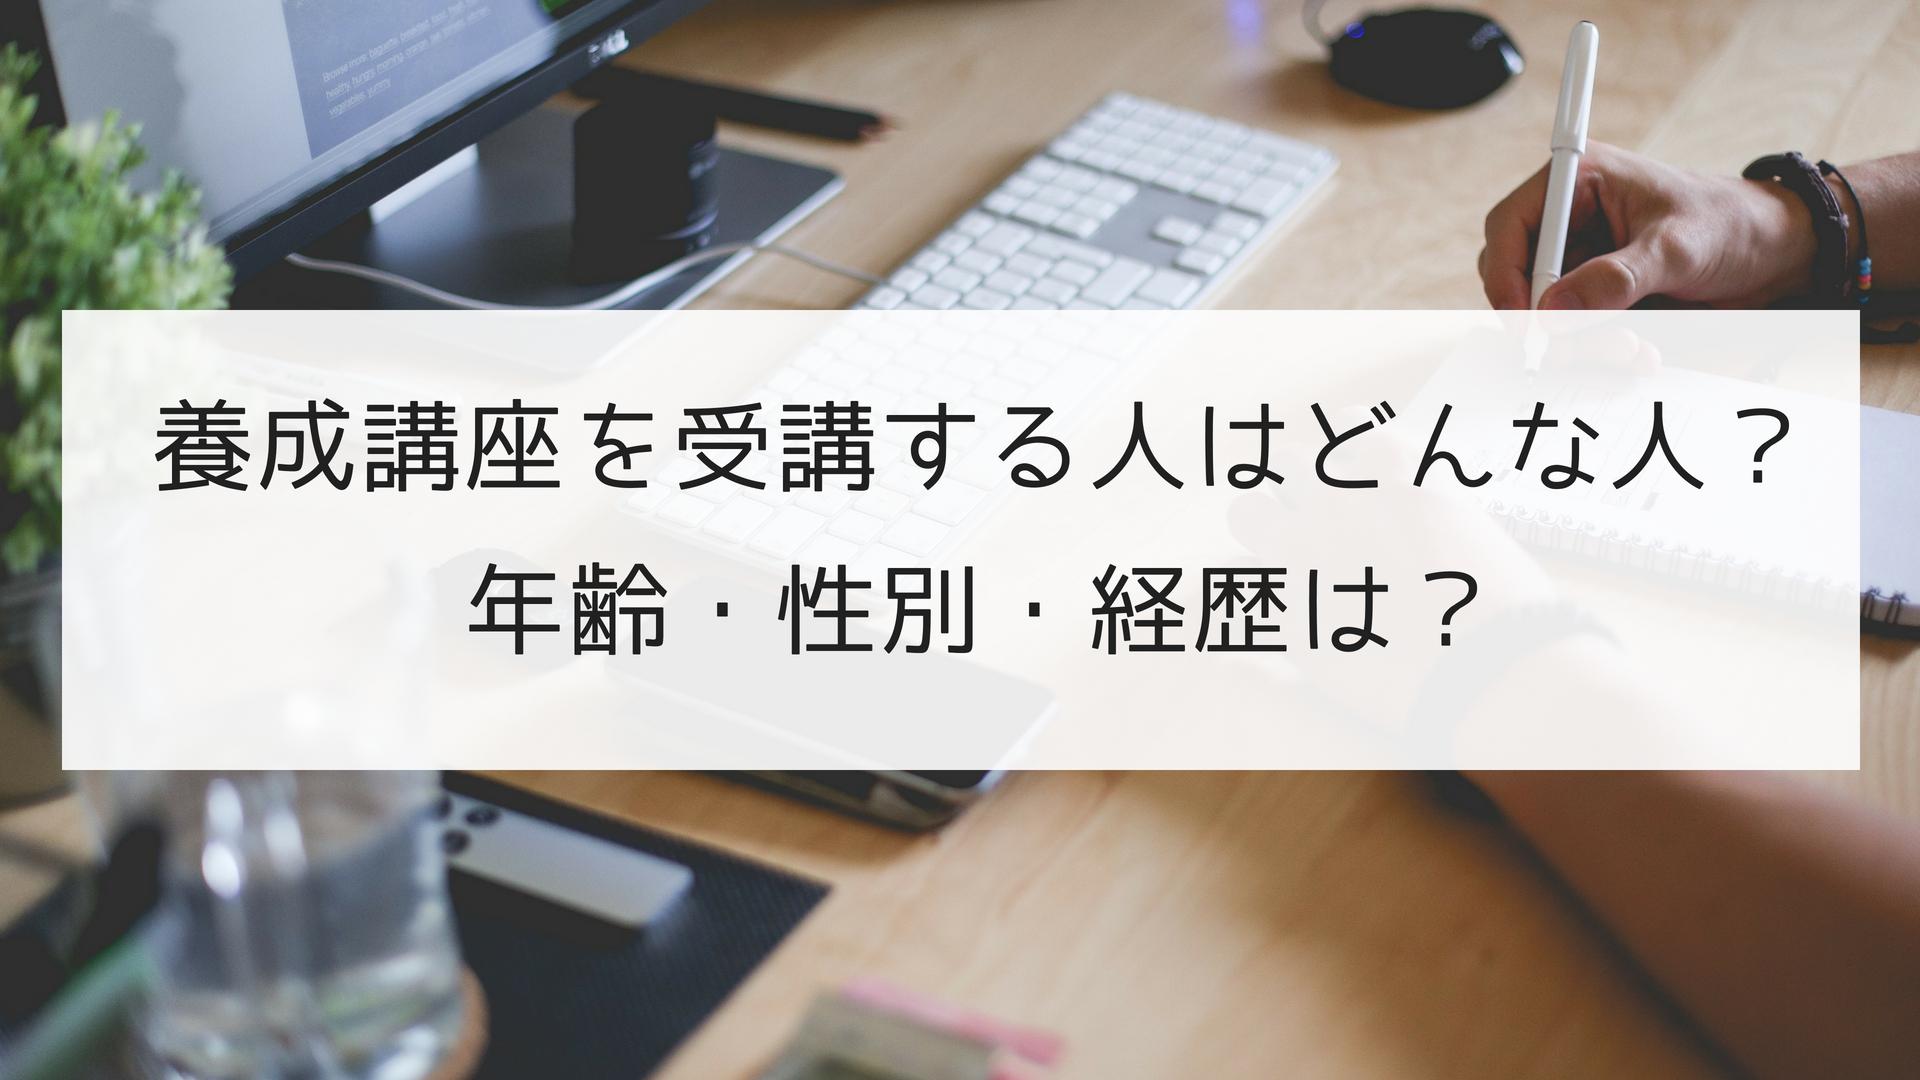 日本語教師養成講座を受講する人はどんな人?年齢・性別・経歴は?